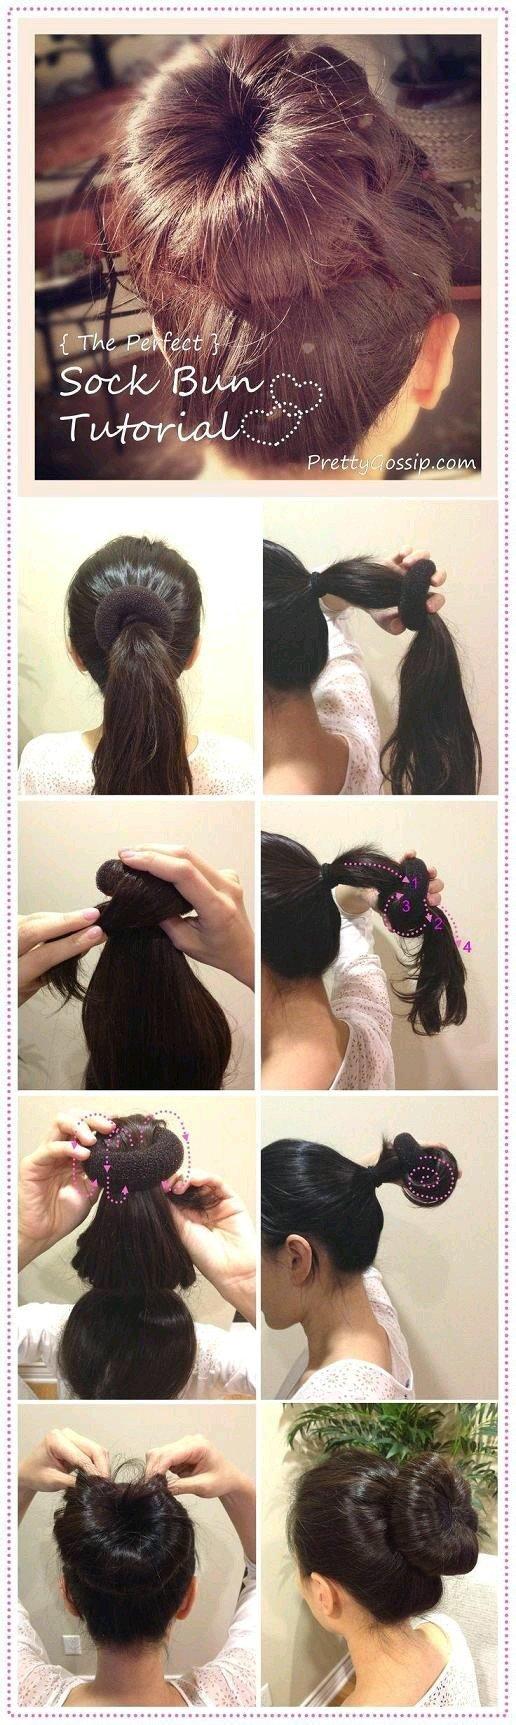 طريقة عمل كعكة الشعر المثالية بالصور #تسريحات